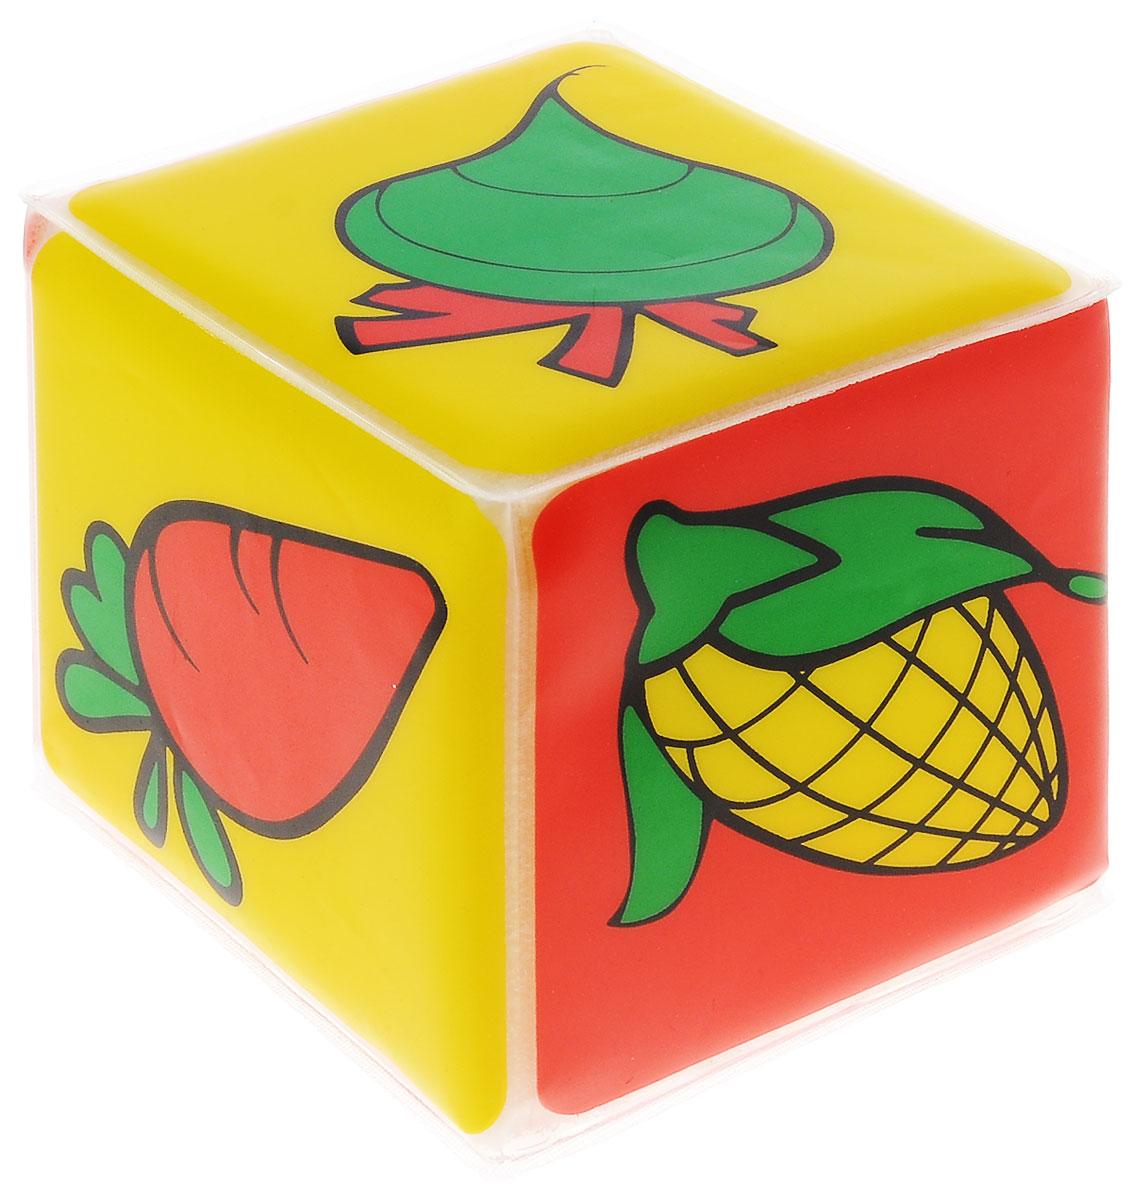 Курносики Игрушка-кубик с пищалкой Мир вокруг тебя27076Яркая игрушка-кубик Курносики Мир вокруг тебя заинтересует вашего малыша и не позволит ему скучать. Игрушка выполнена из мягкого безопасного для ребенка материала. На сторонах кубика изображены различные овощи: помидор, перец, редис, кукуруза, морковь, тыква. Внутри кубика спрятана пищалка. Малышу понравиться сжимать кубик, который будет издавать при этом негромкий звук. Игрушка-кубик поможет ребенку развить цветовое и звуковое восприятия, мелкую моторику рук и тактильные ощущения.